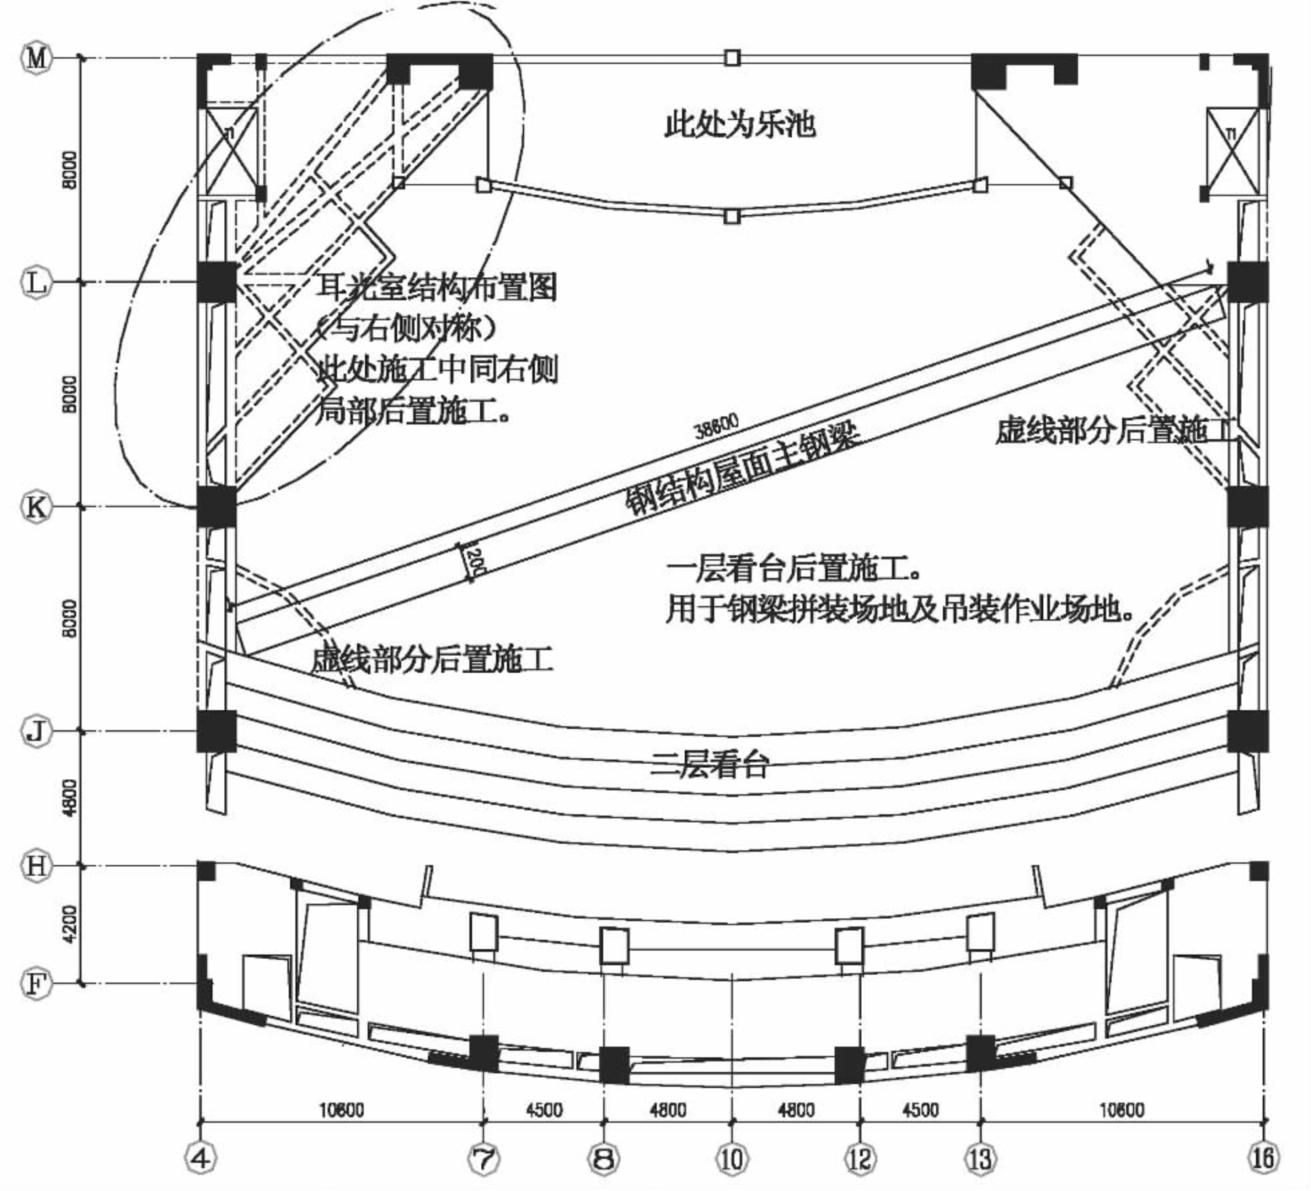 研究40m跨度钢结构屋面吊装施工技术